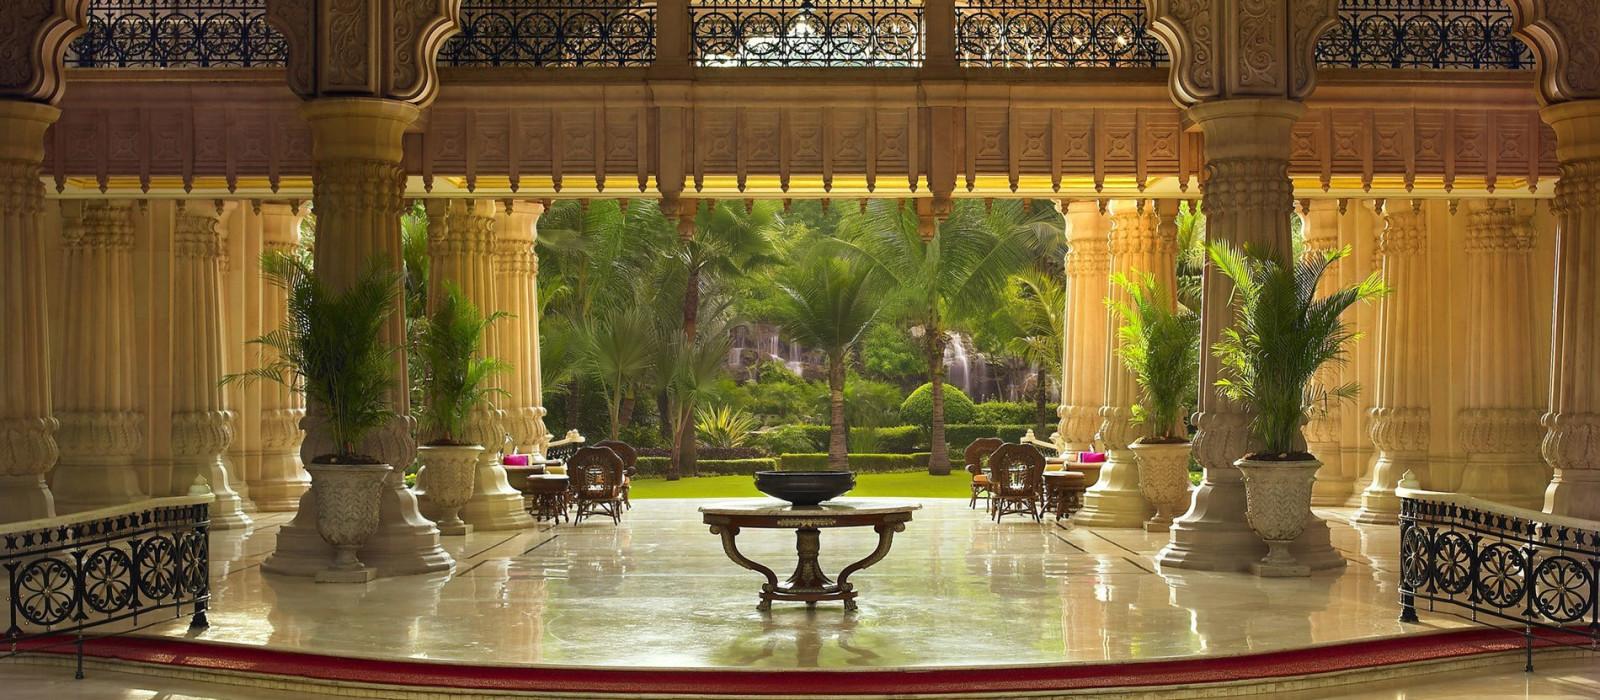 Hotel The Leela Palace Bangalore South India